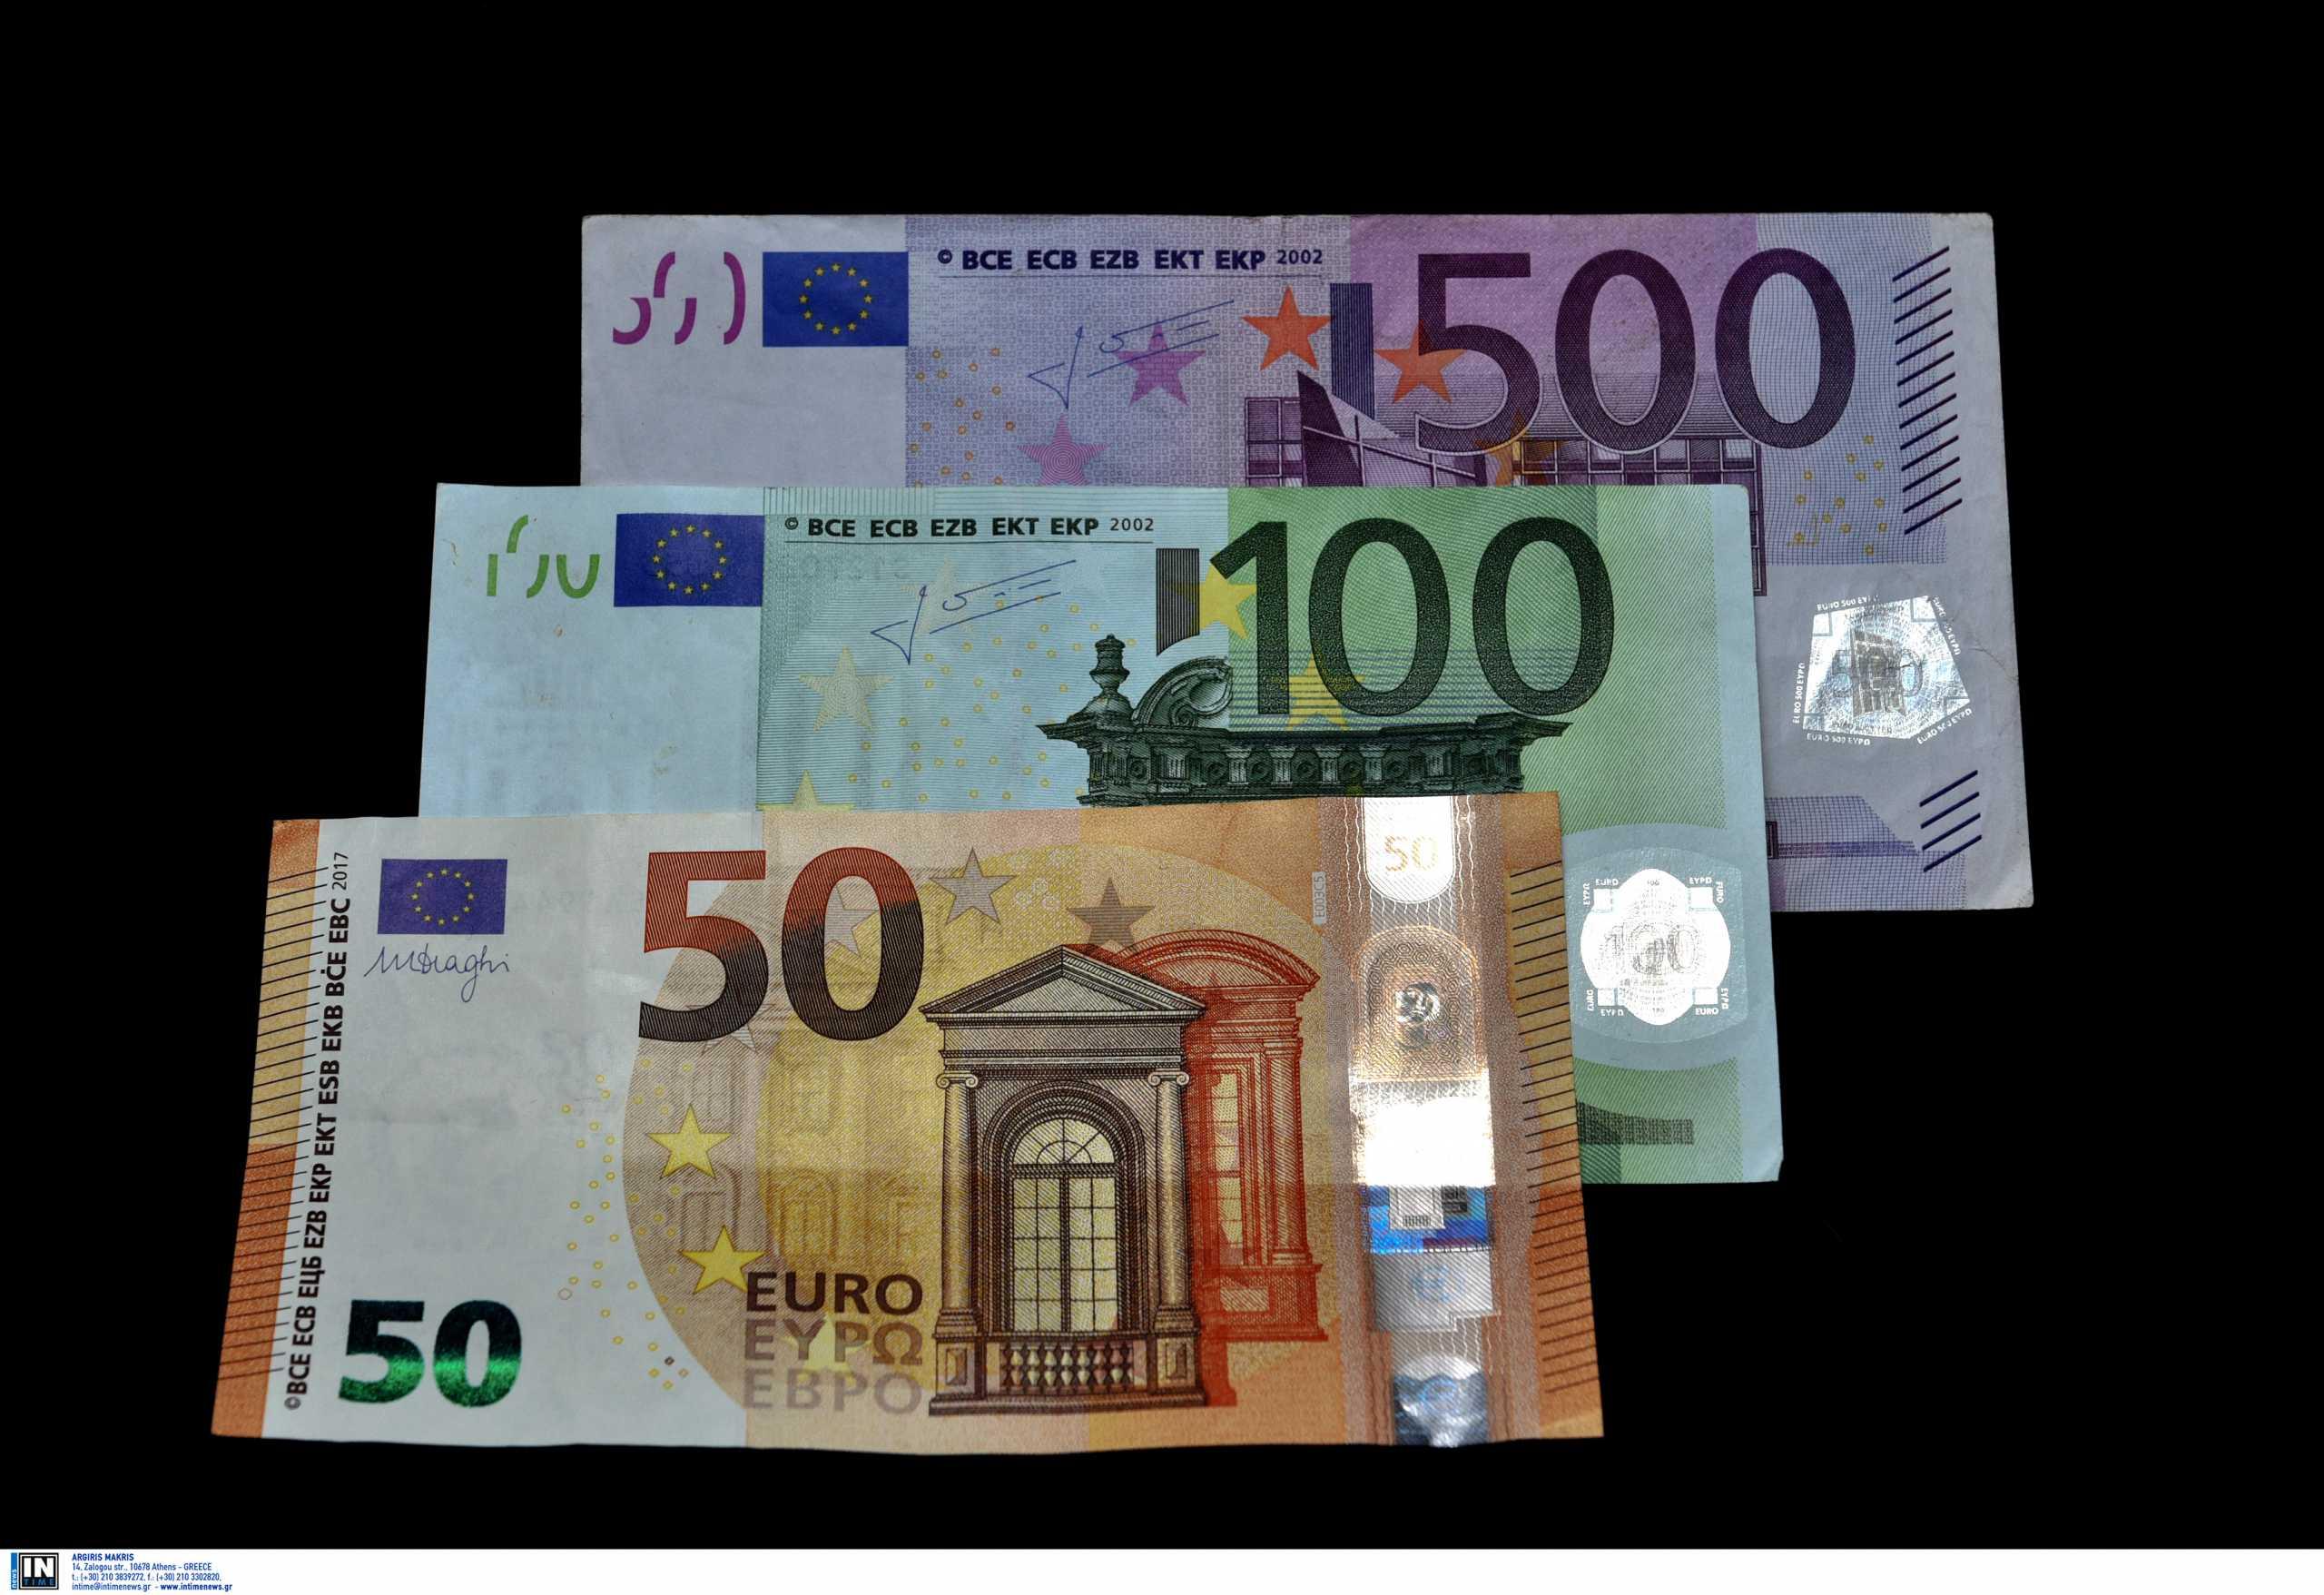 Πάτρα: Η μεγάλη χάρη που ζήτησε να του κάνουν με ένα χαρτονόμισμα των 100 ευρώ ήταν το κλειδί της παγίδας